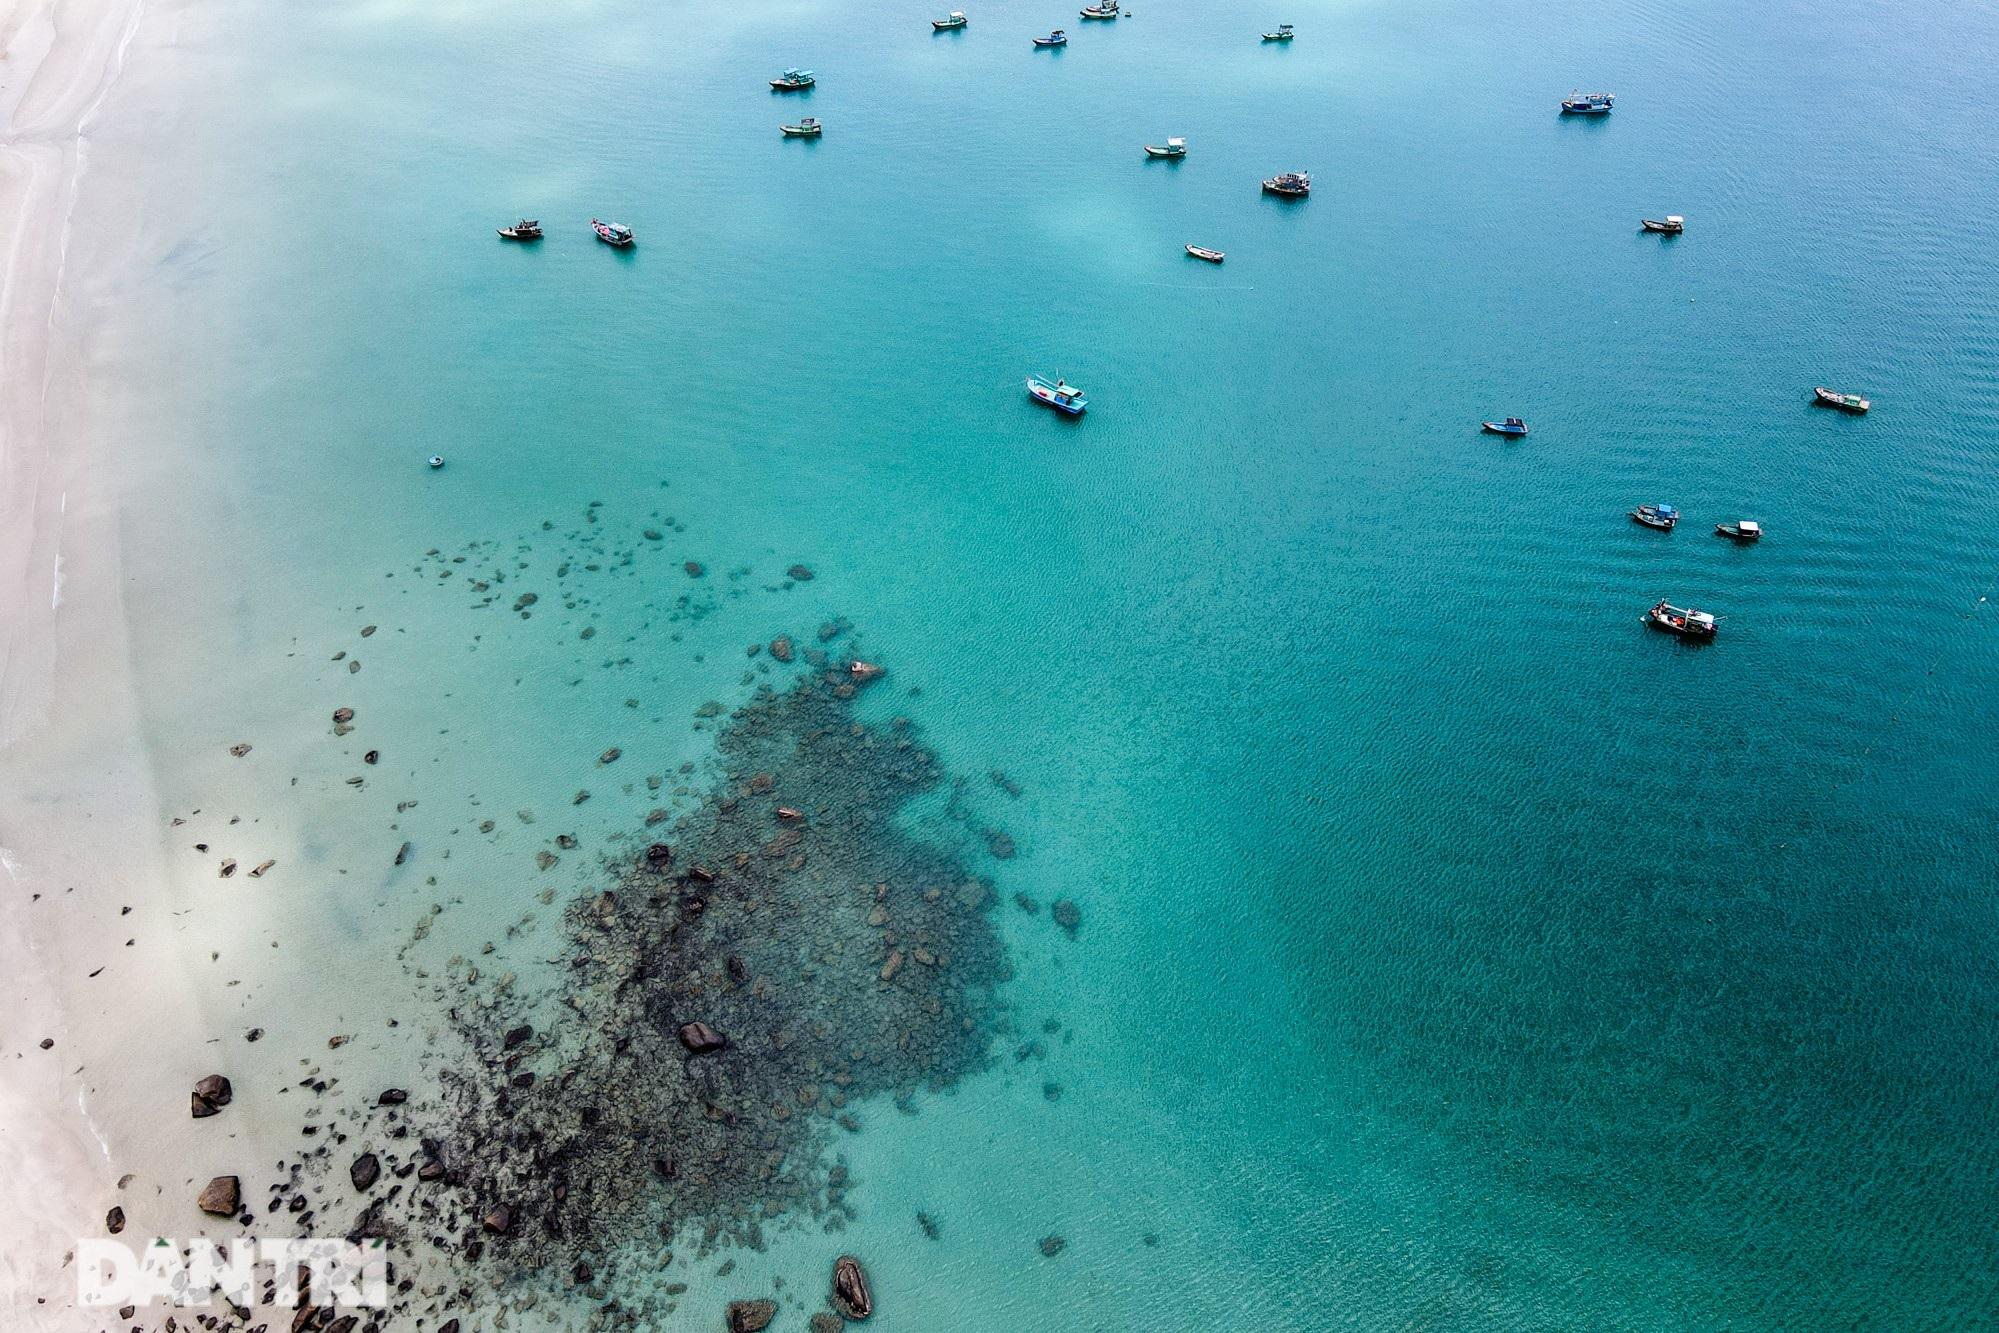 Cảnh vắng bóng du khách ở bãi biển trong xanh nhất thế giới - 14